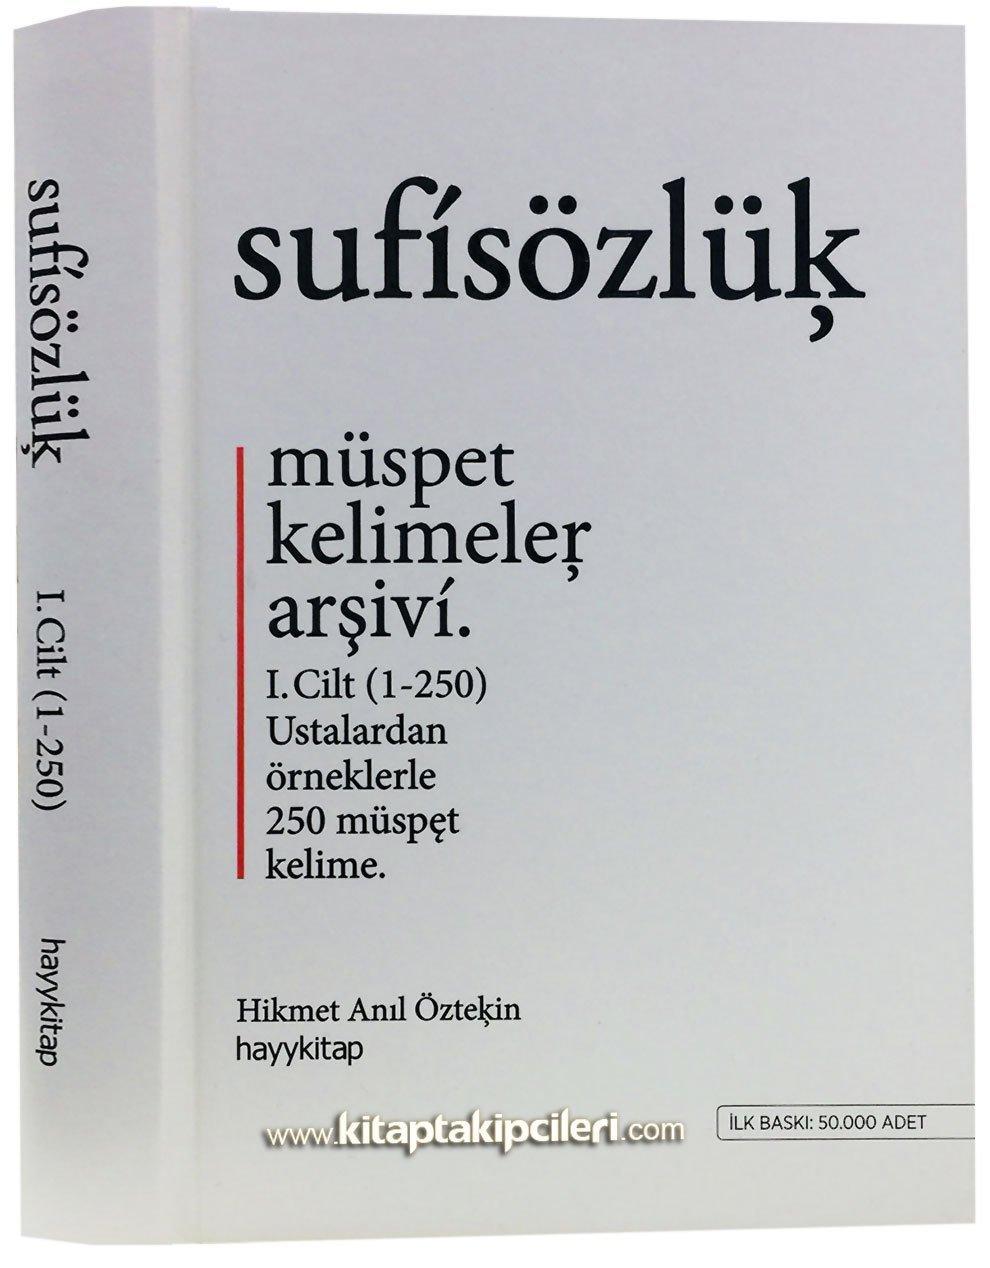 Sufi Sözlük Müspet Kelimeler Arşivi Ustalardan örneklerle 250